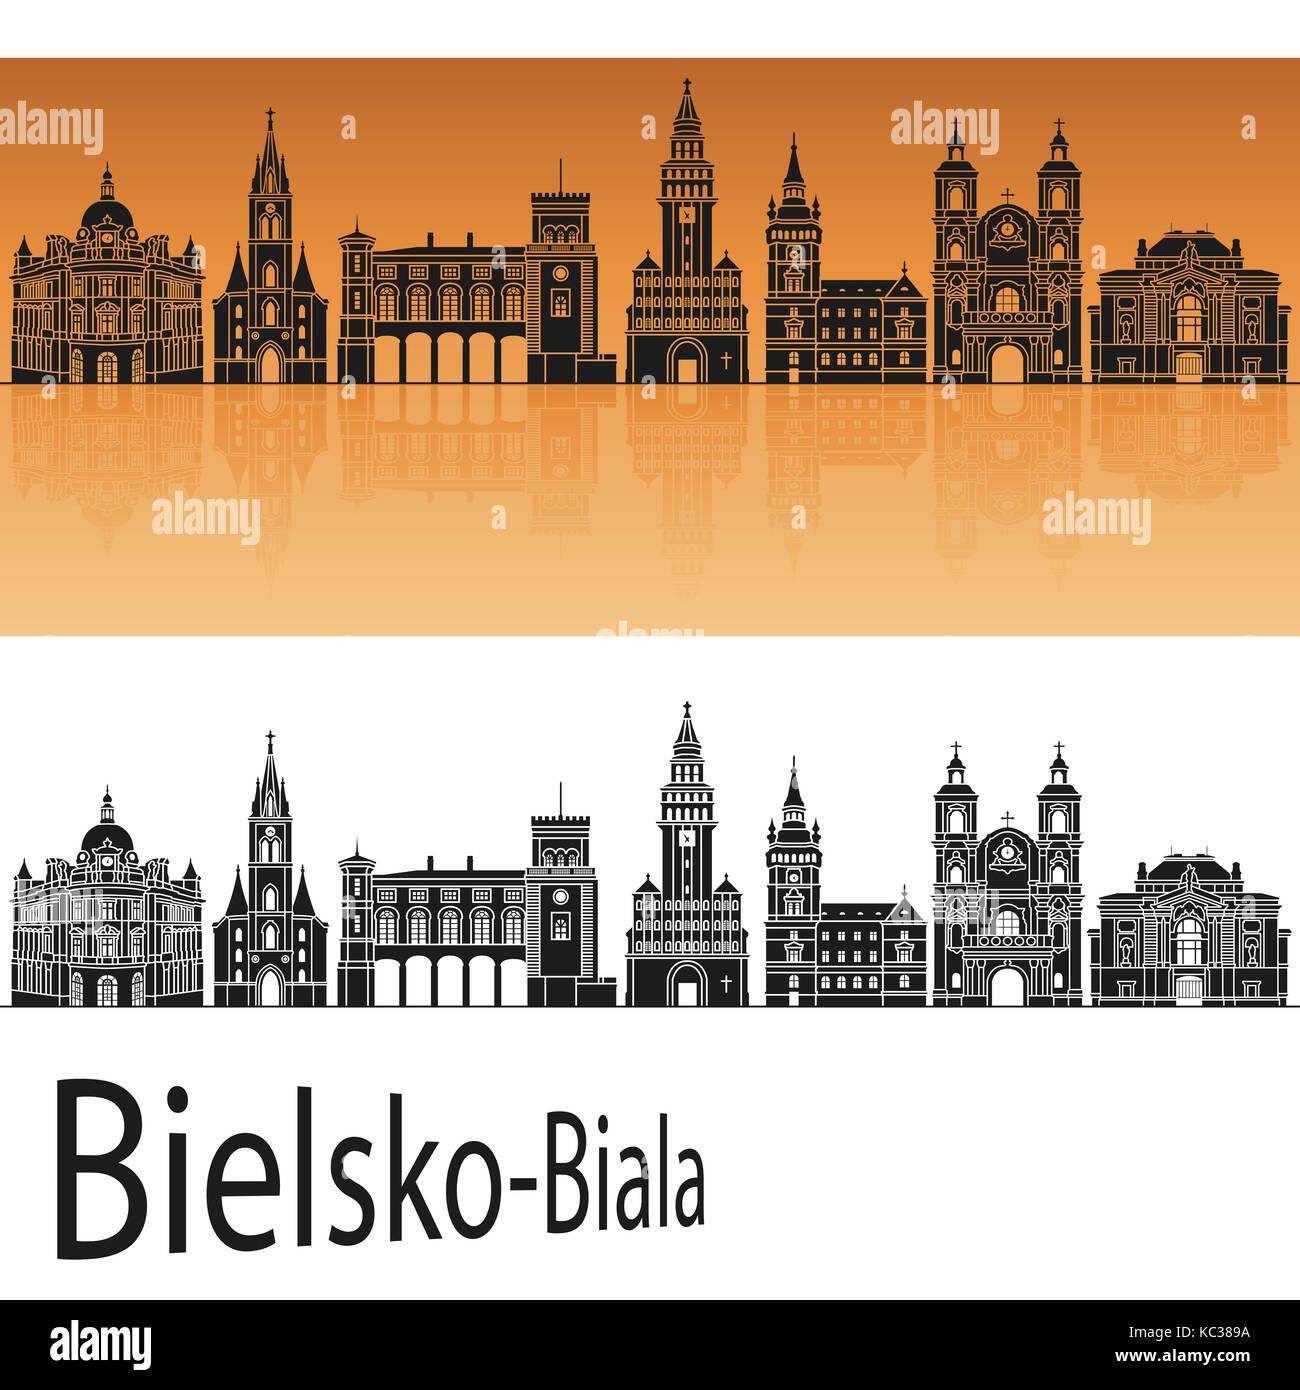 Bielsko-Biala skyline in orange background in editable vector file - Stock Image